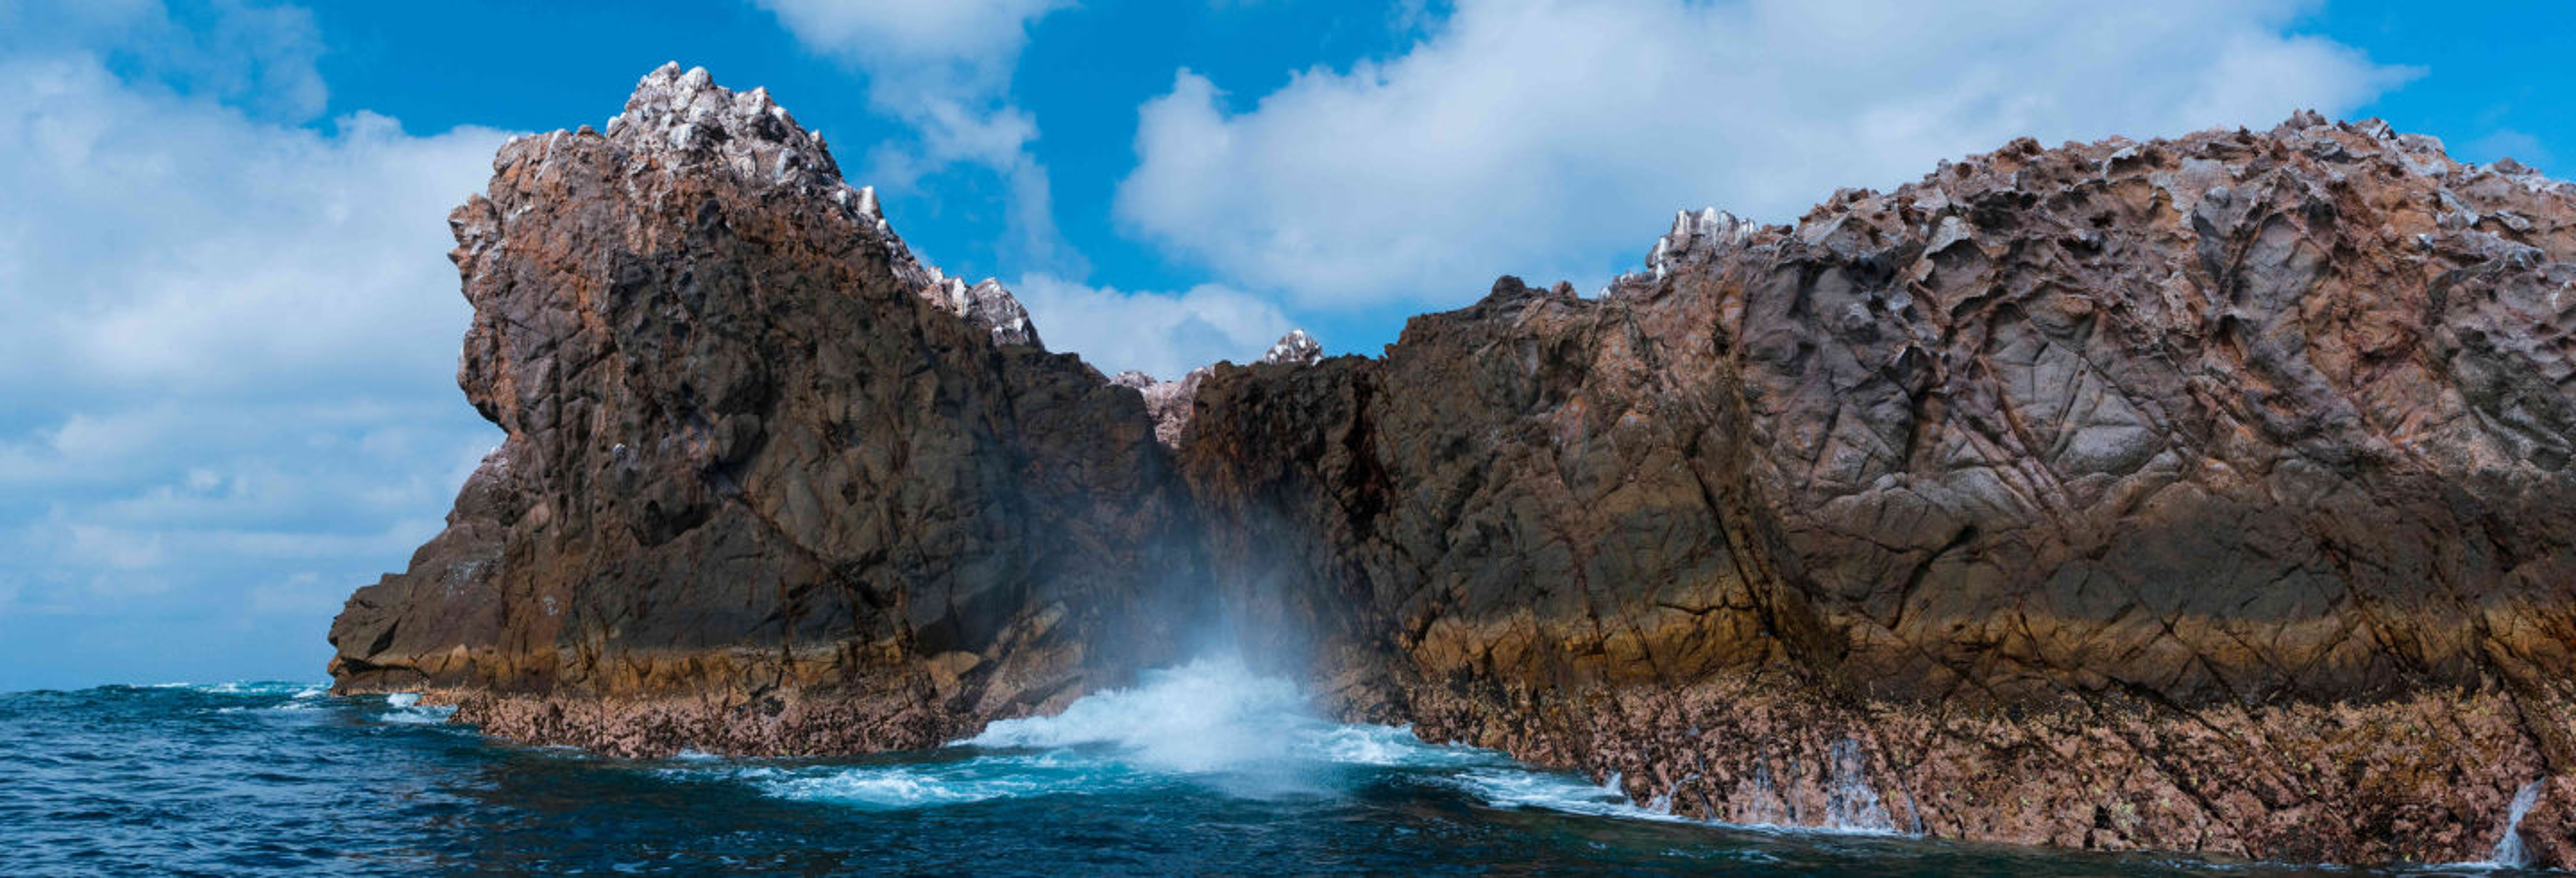 Excursão a Punta Mita e ilhas Marietas